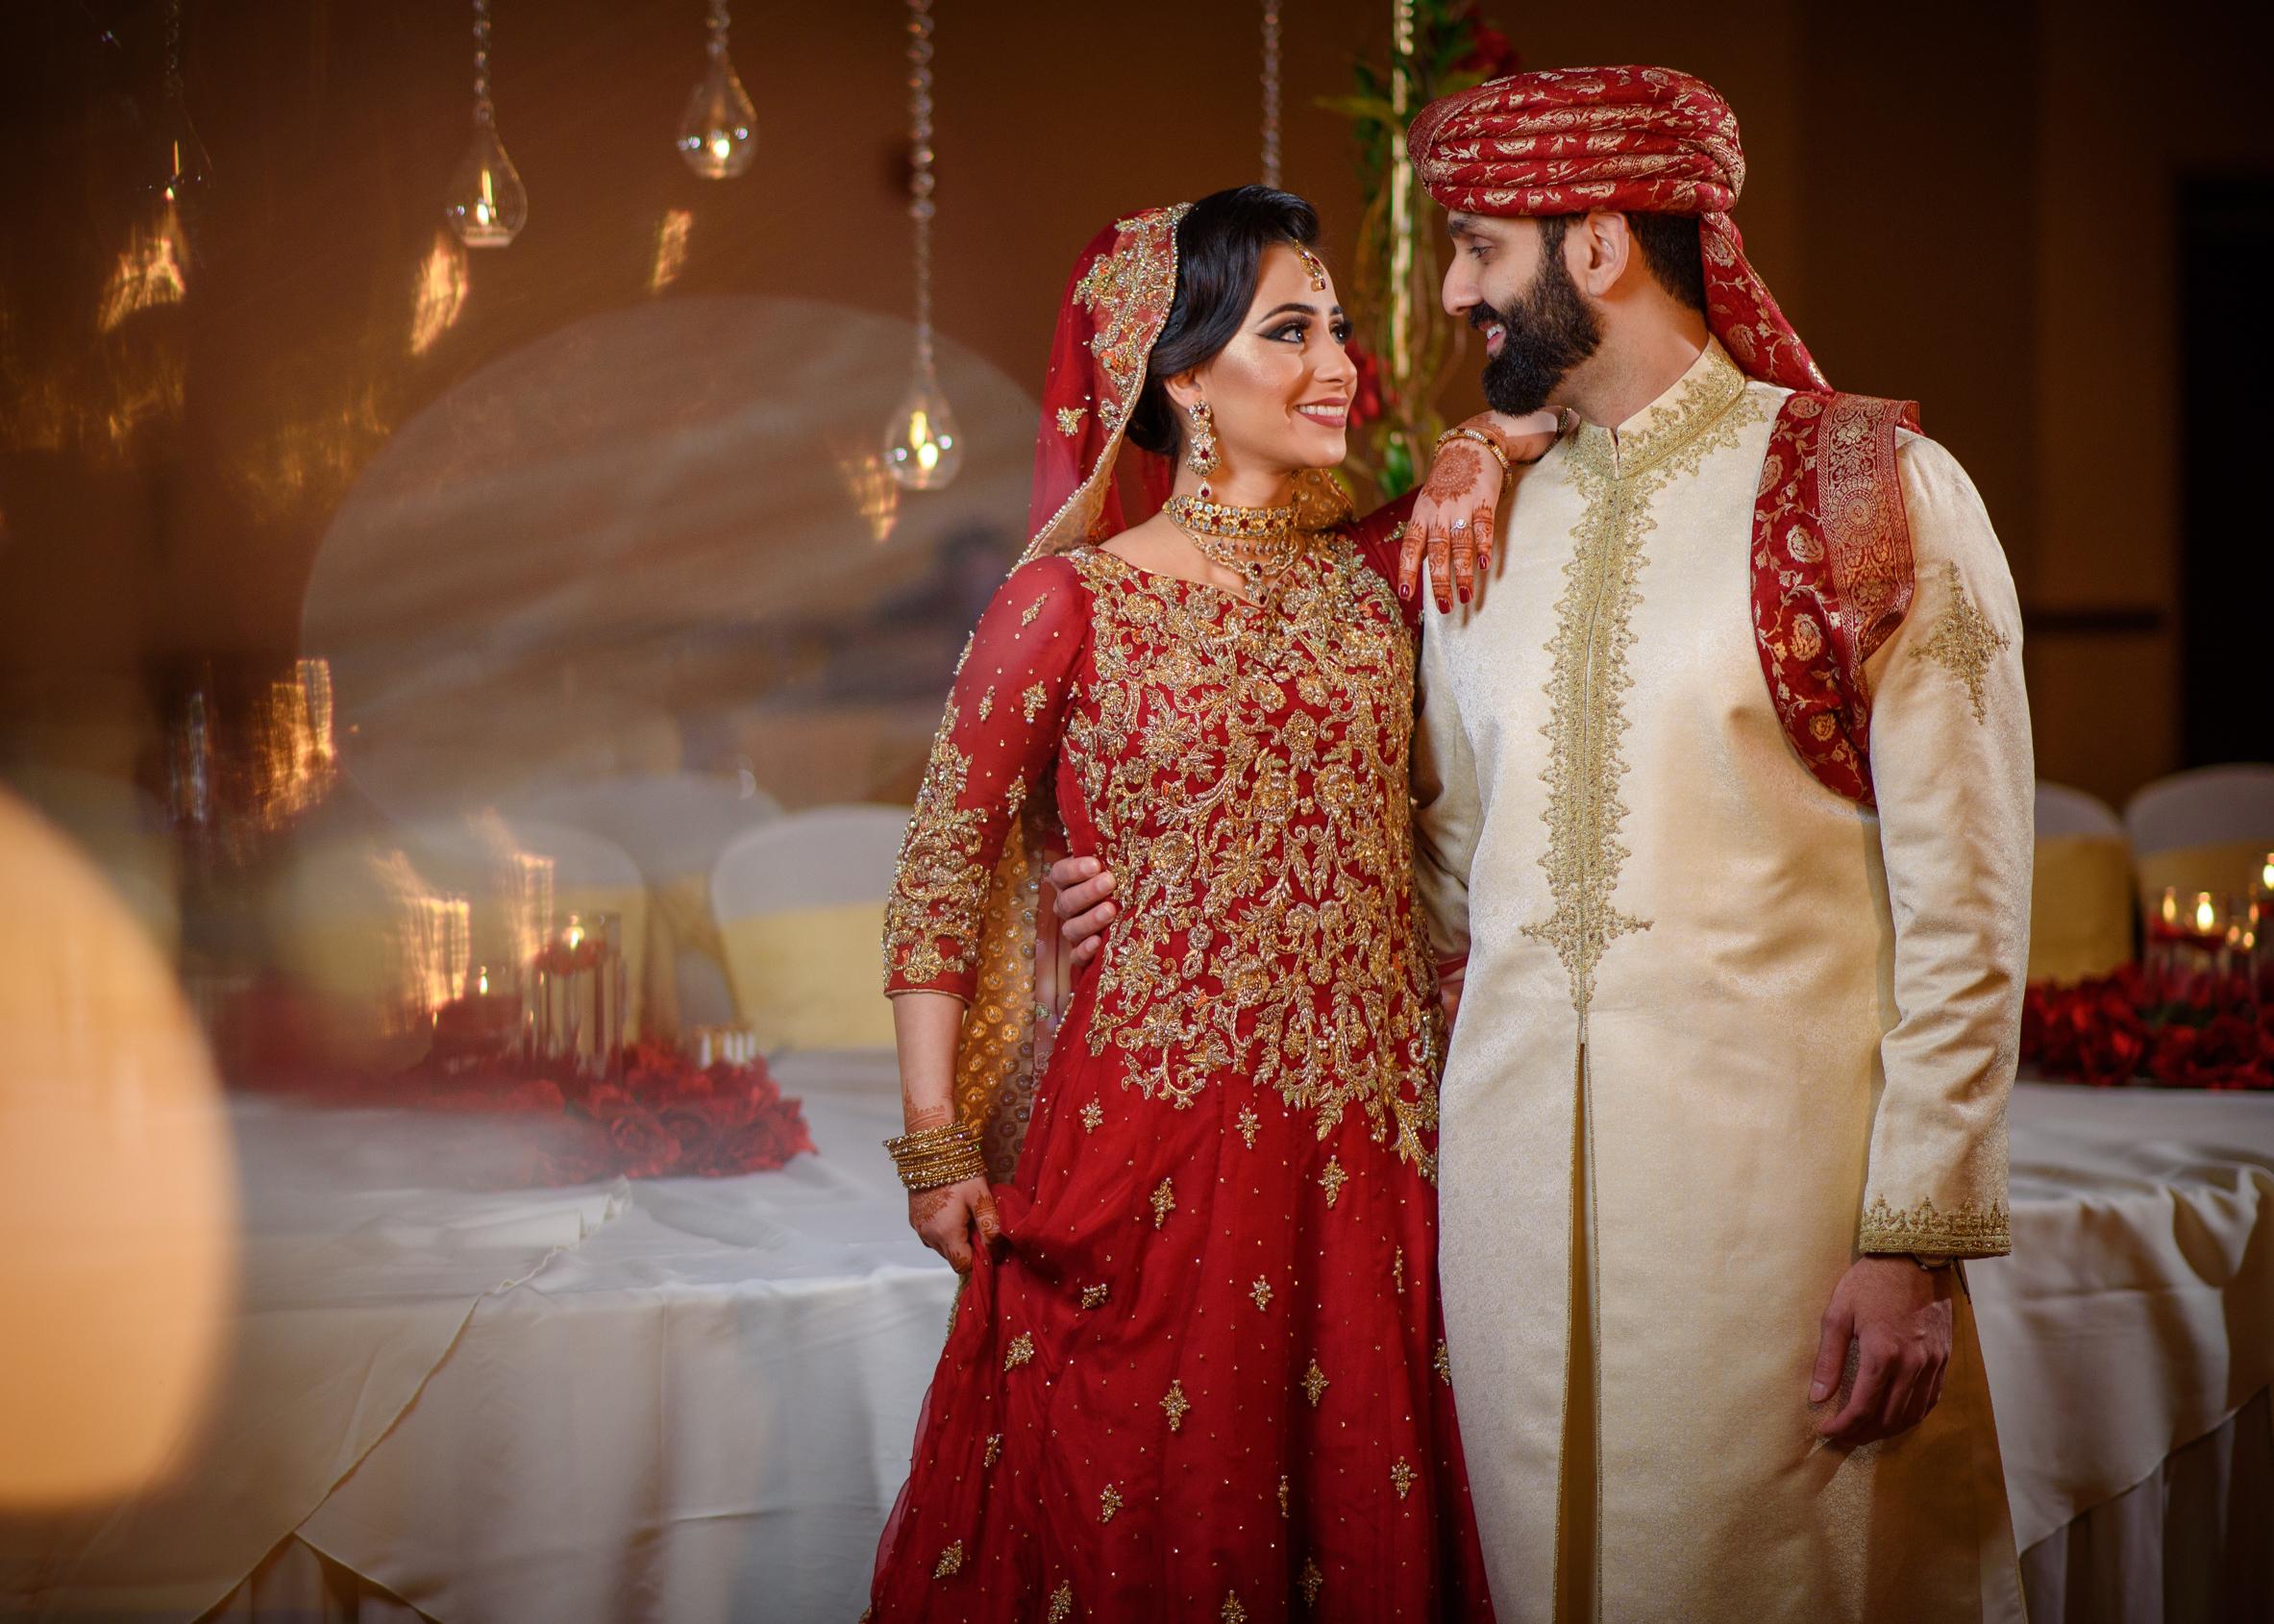 2017-12-29 Mahin Zaid Wedding (0255)_1.jpg